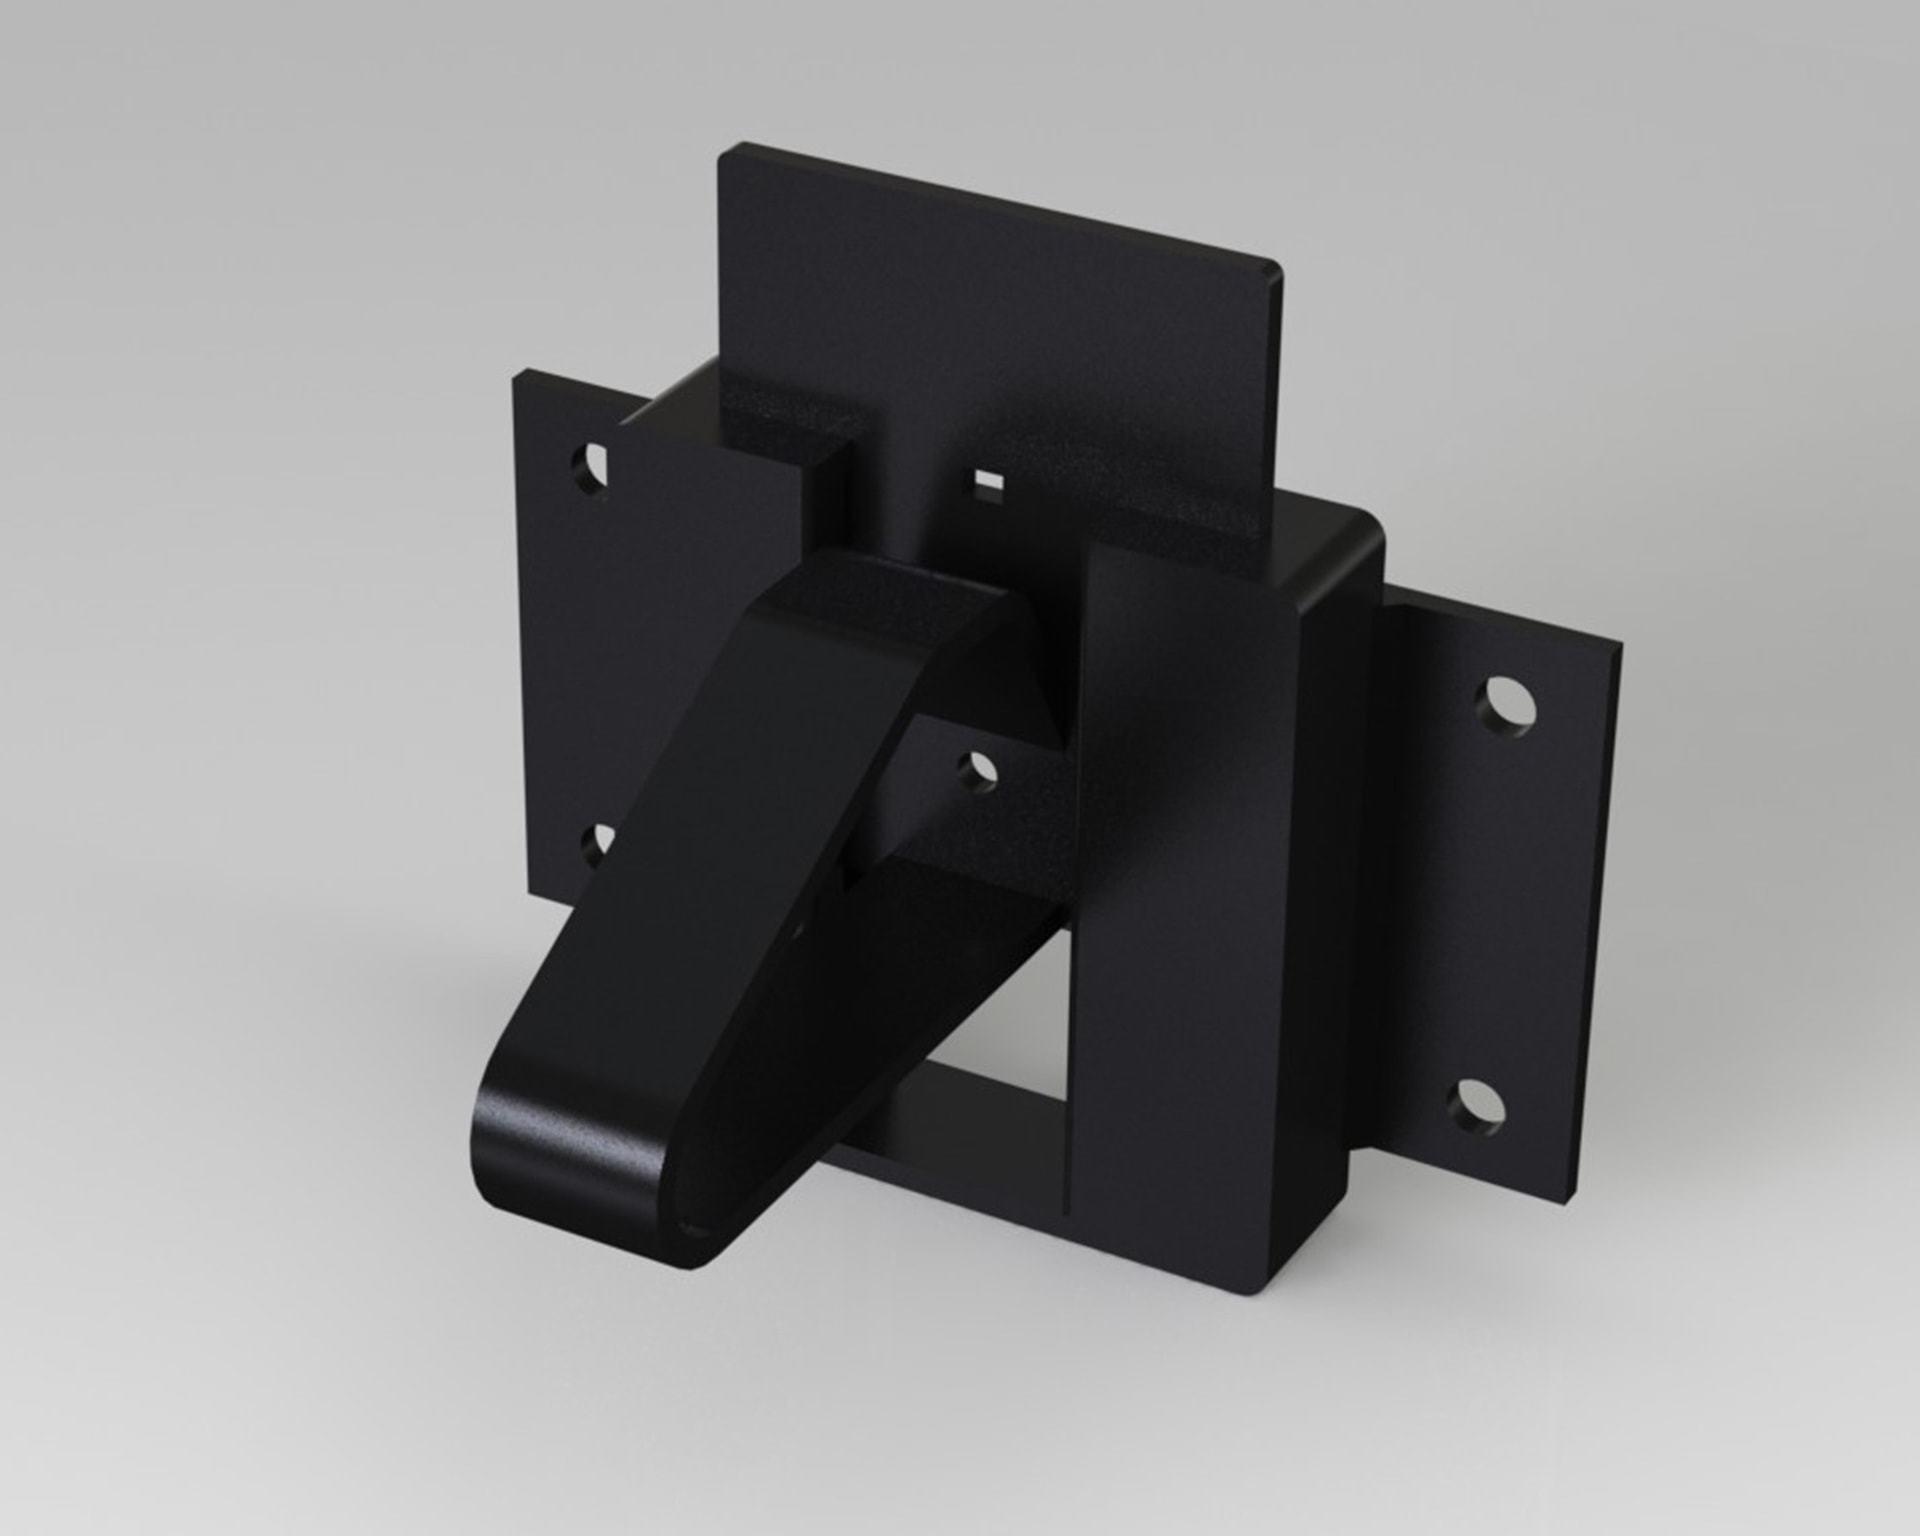 PEK3 Easytube Metal Accessories DIS-01-BK